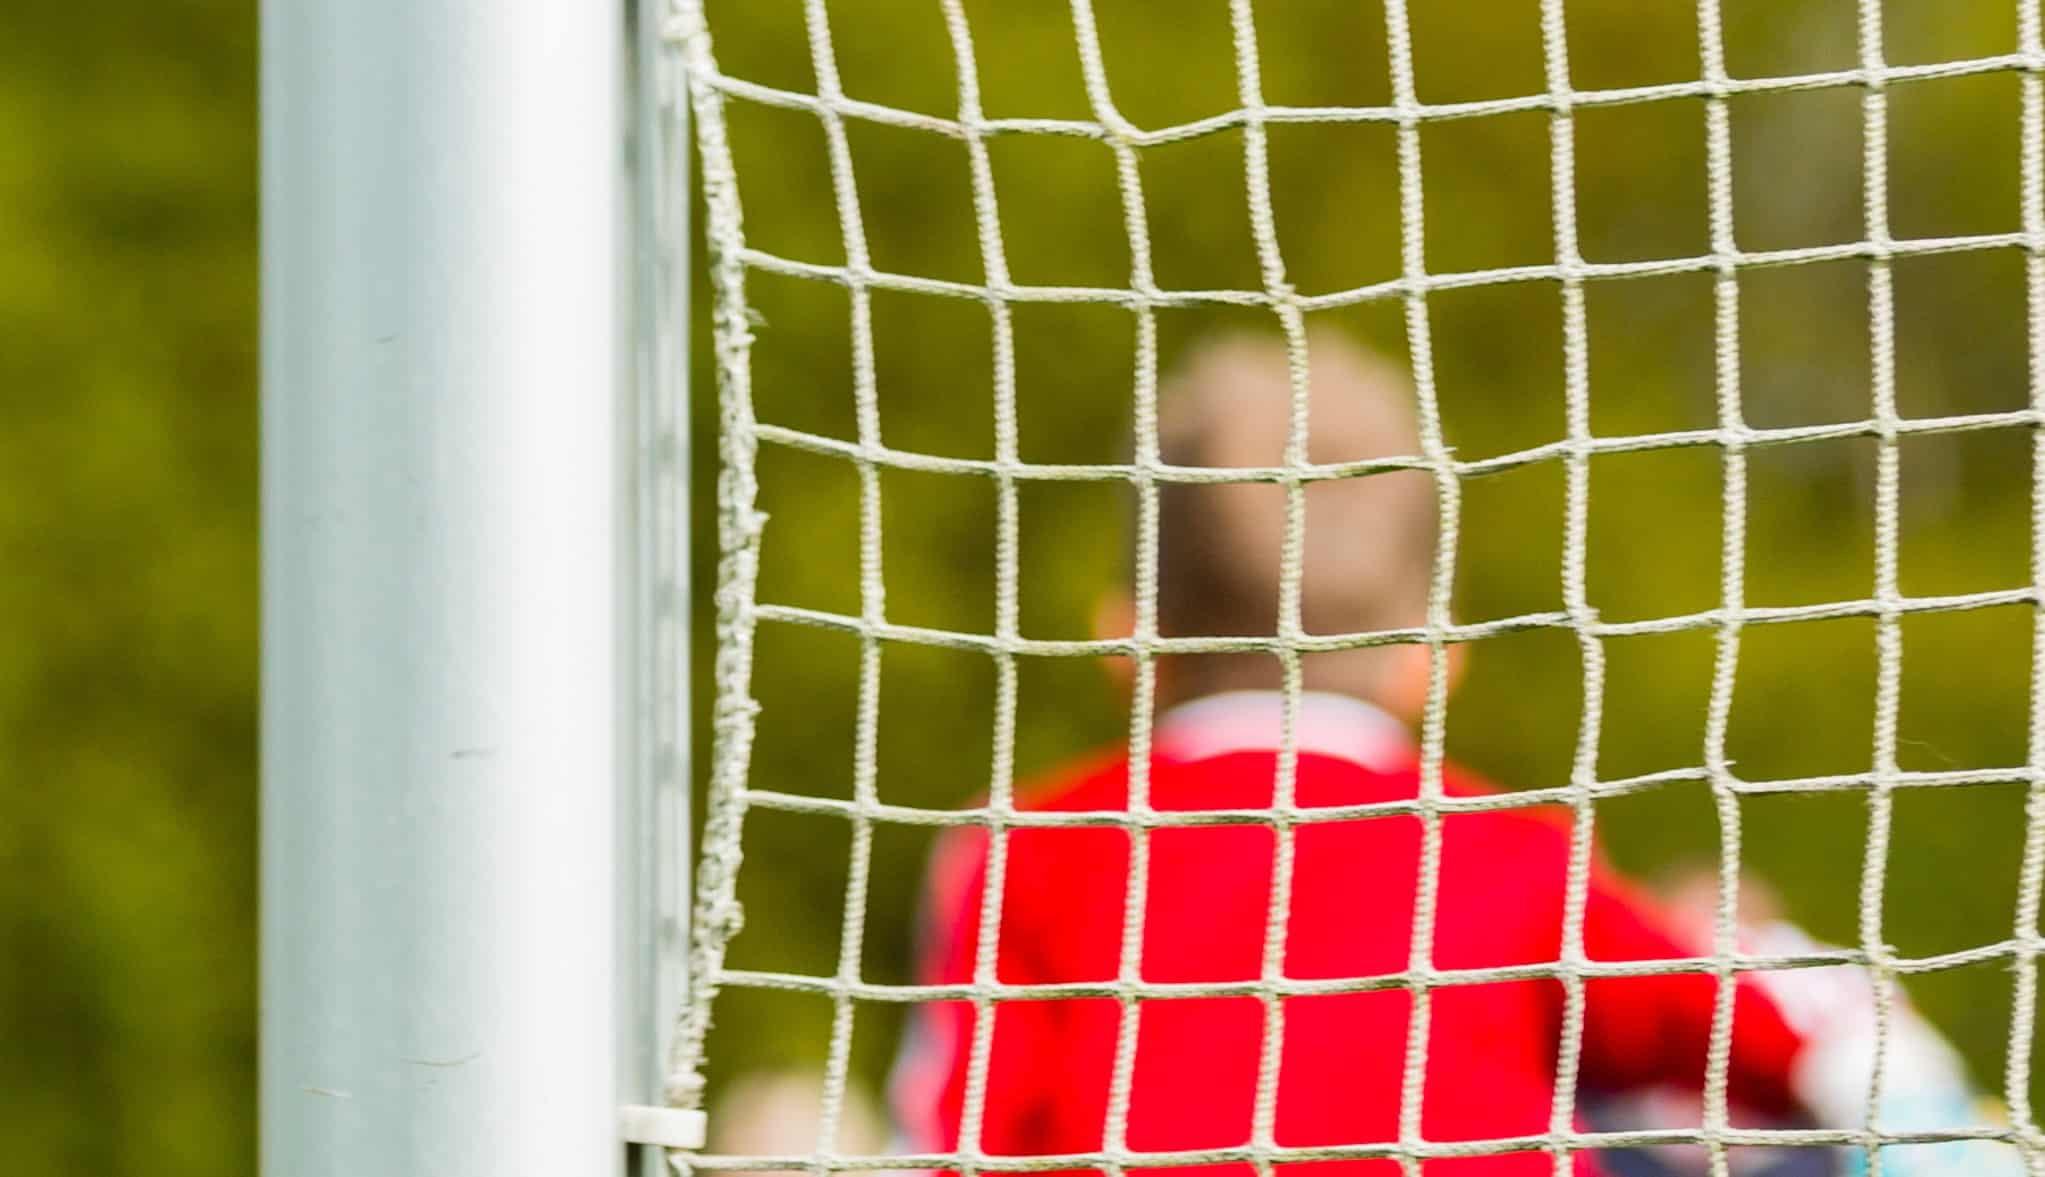 Voetbaldoel: Wat zijn de beste voetbaldoelen van 2021?